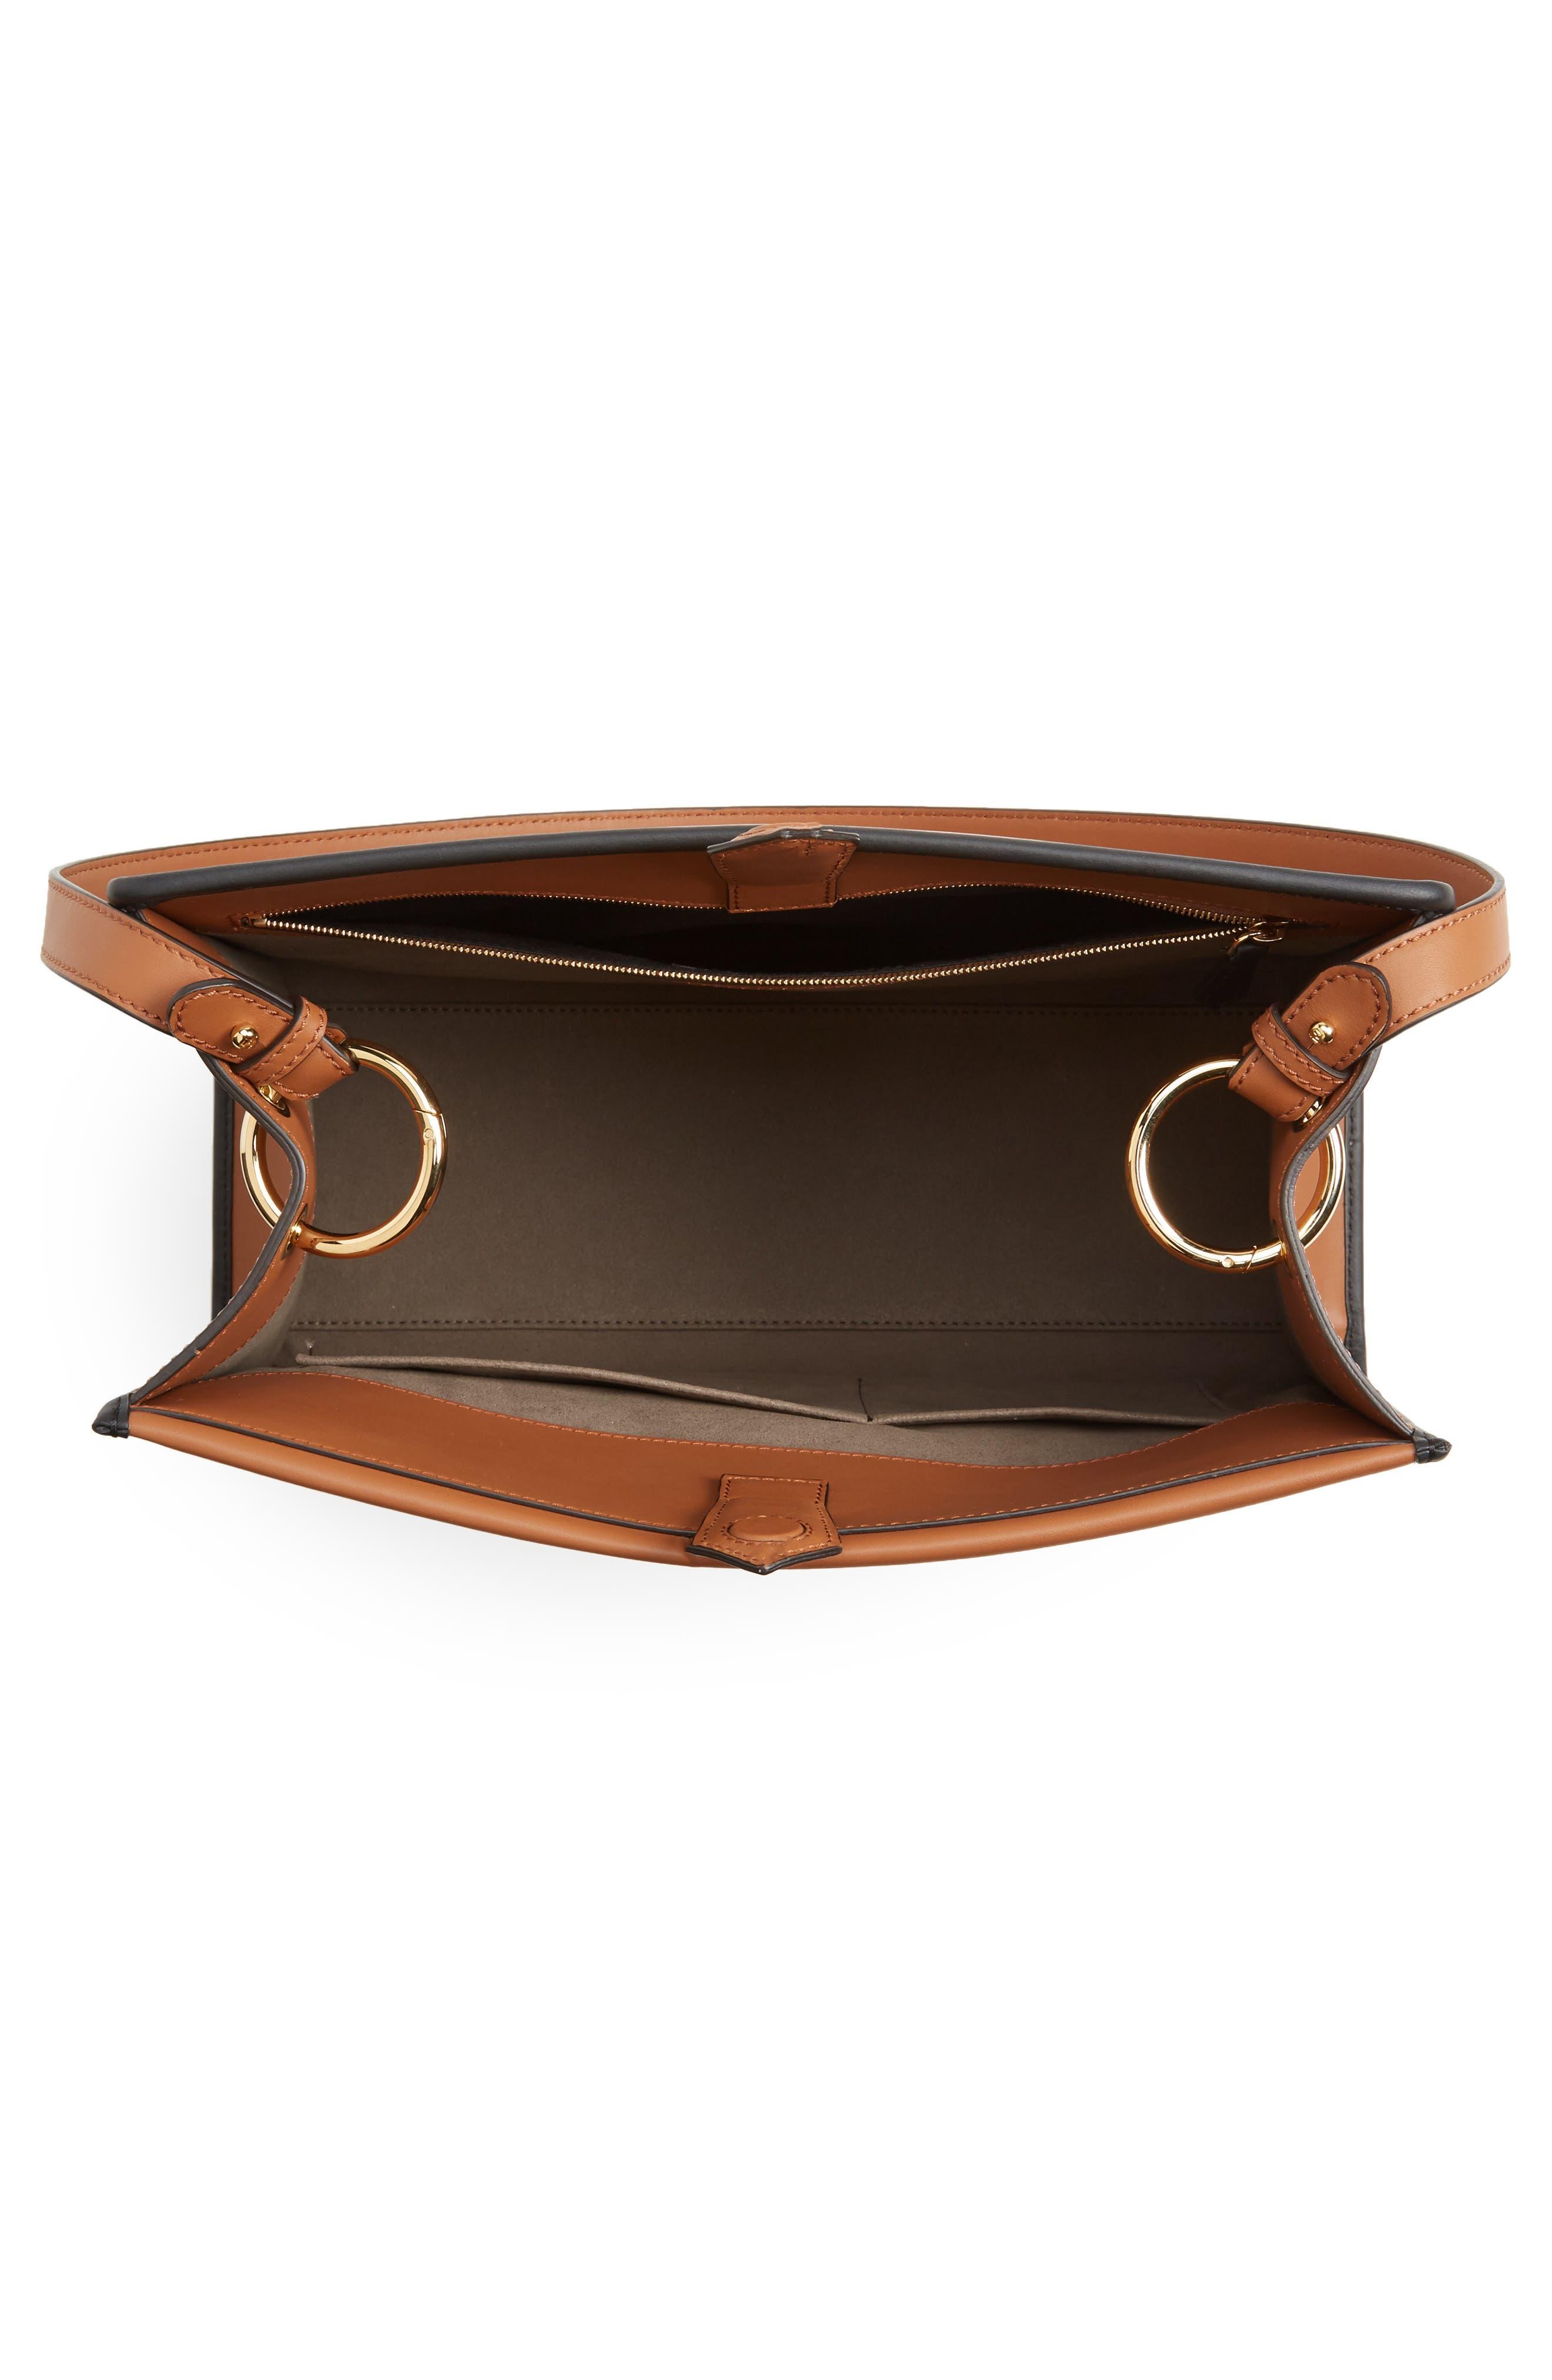 Runaway Medium Leather Tote Bag,                             Alternate thumbnail 8, color,